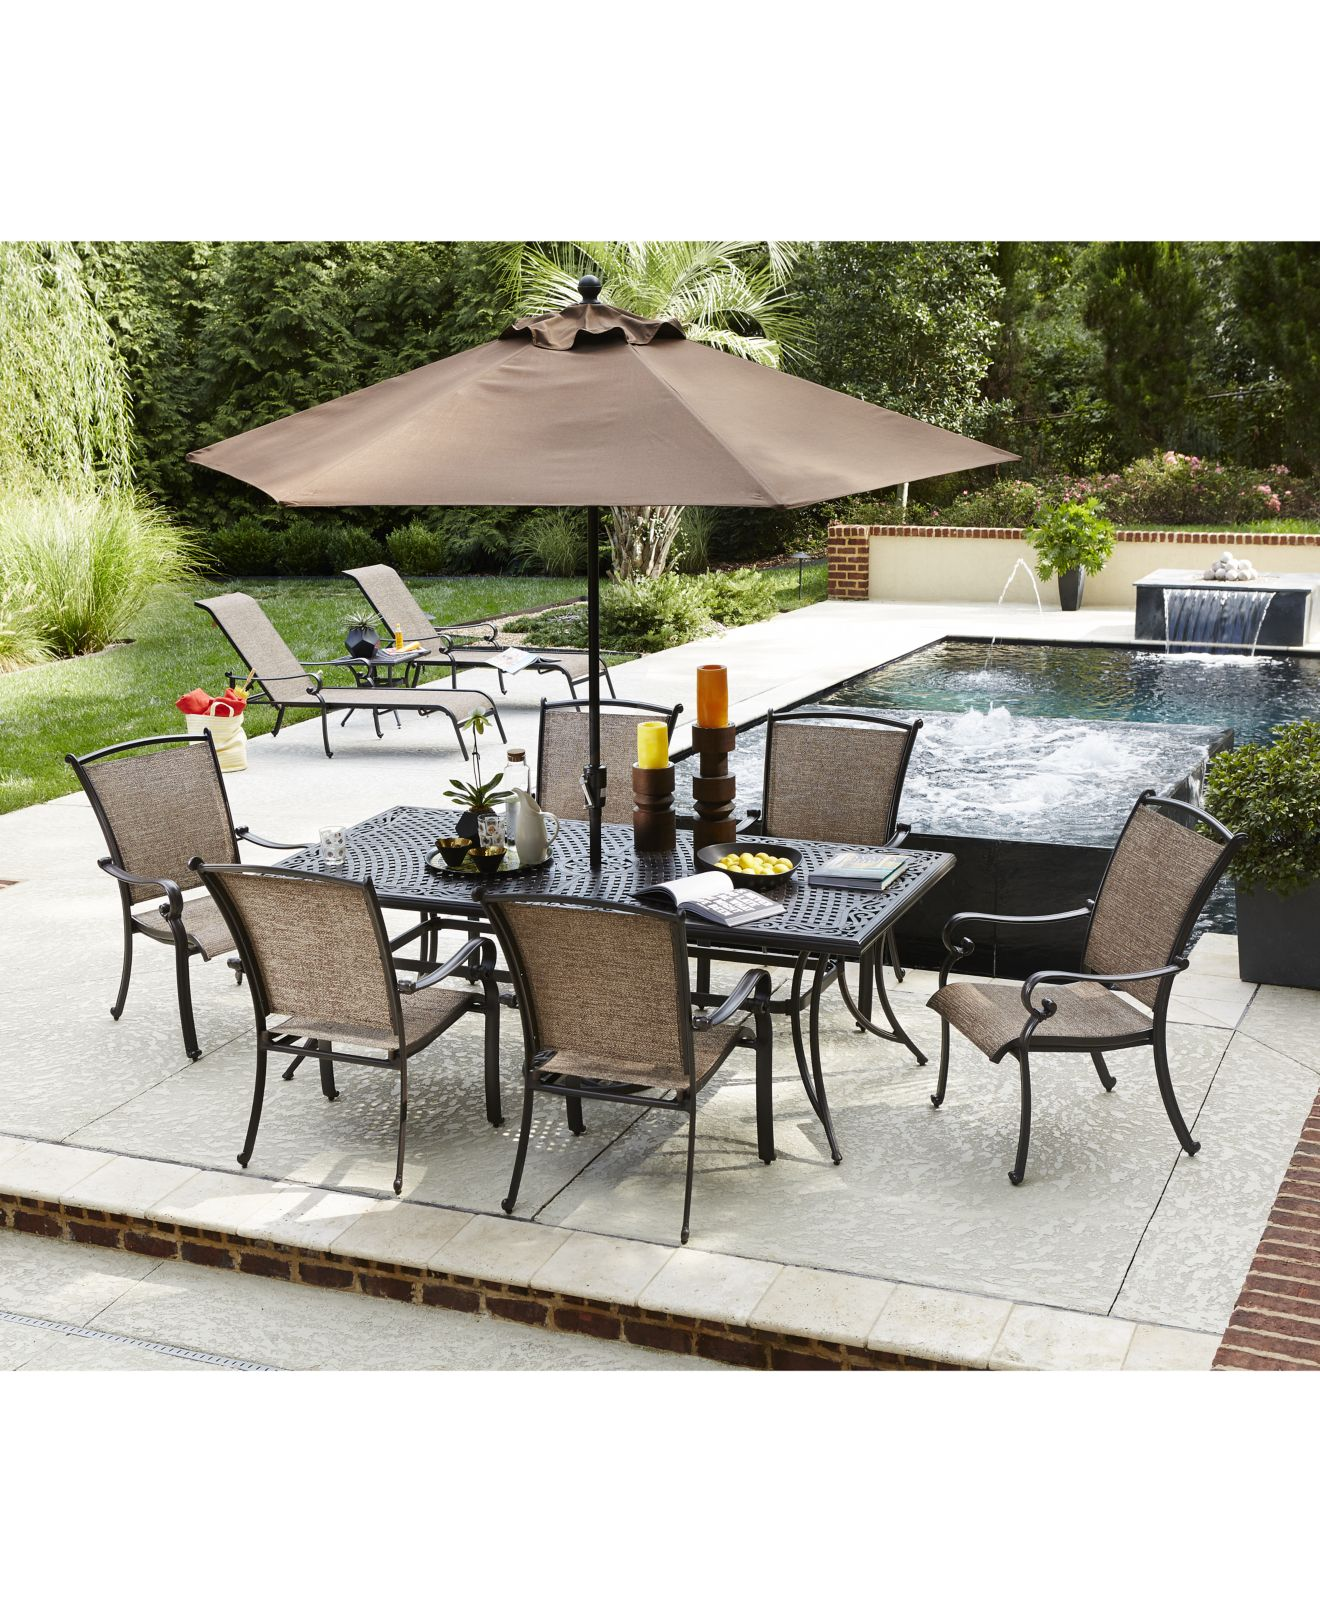 Cast Aluminum Outdoor Patio Furniture Macy s